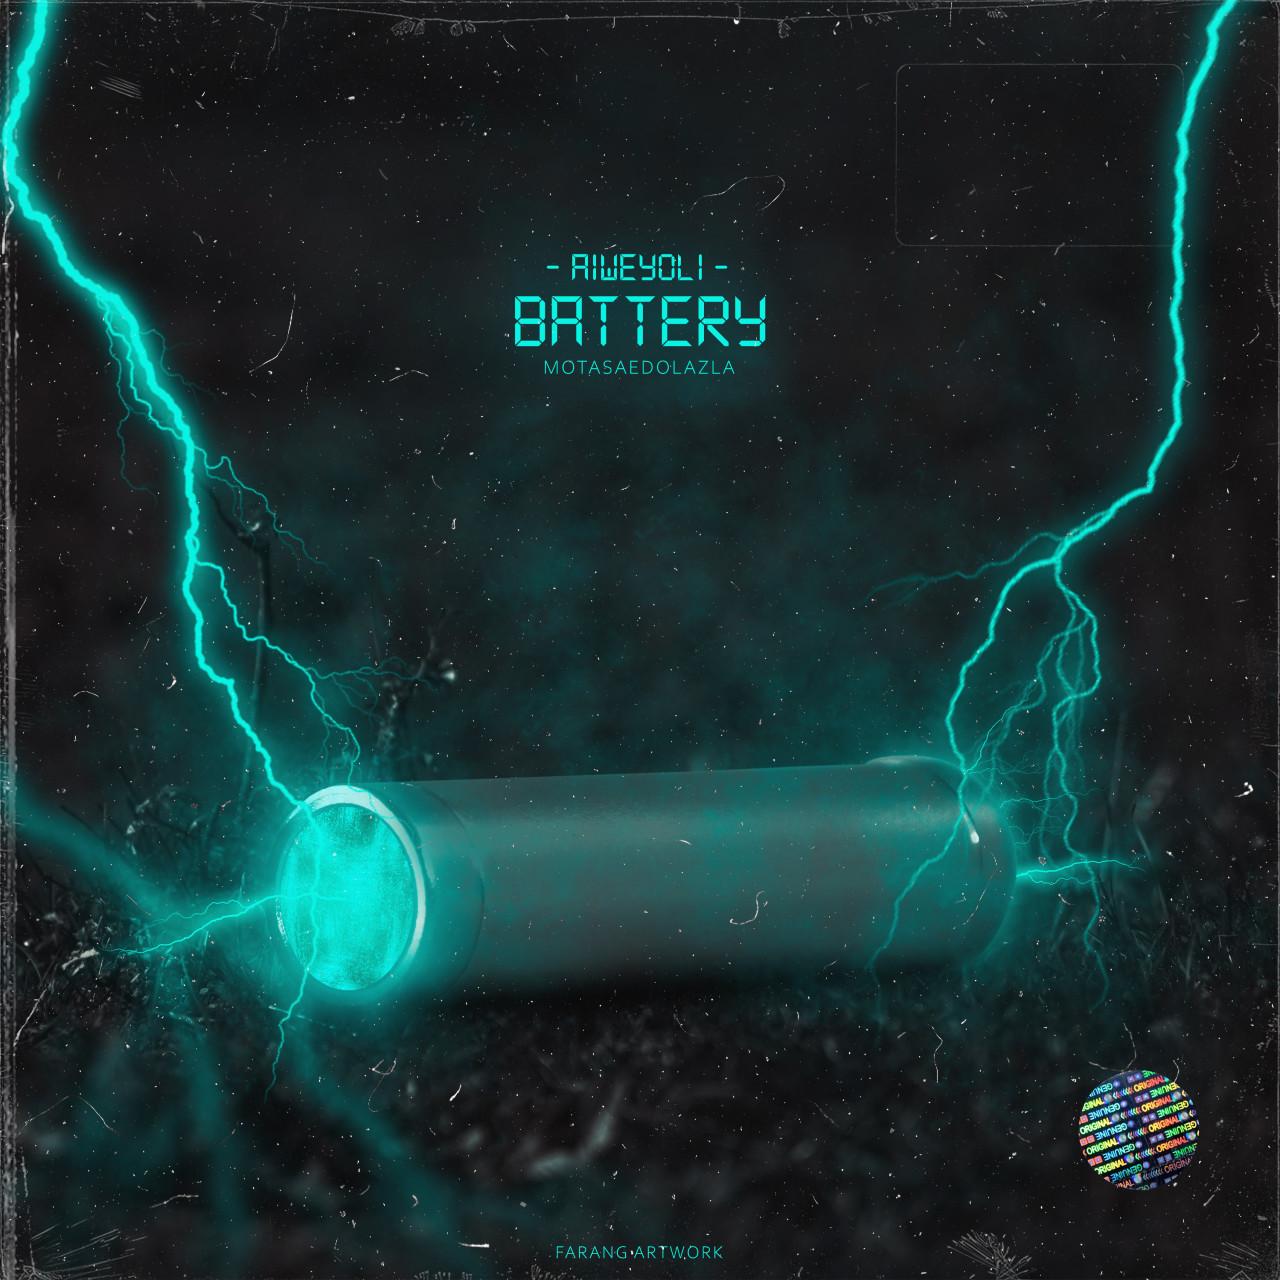 aiweyoli - Battery